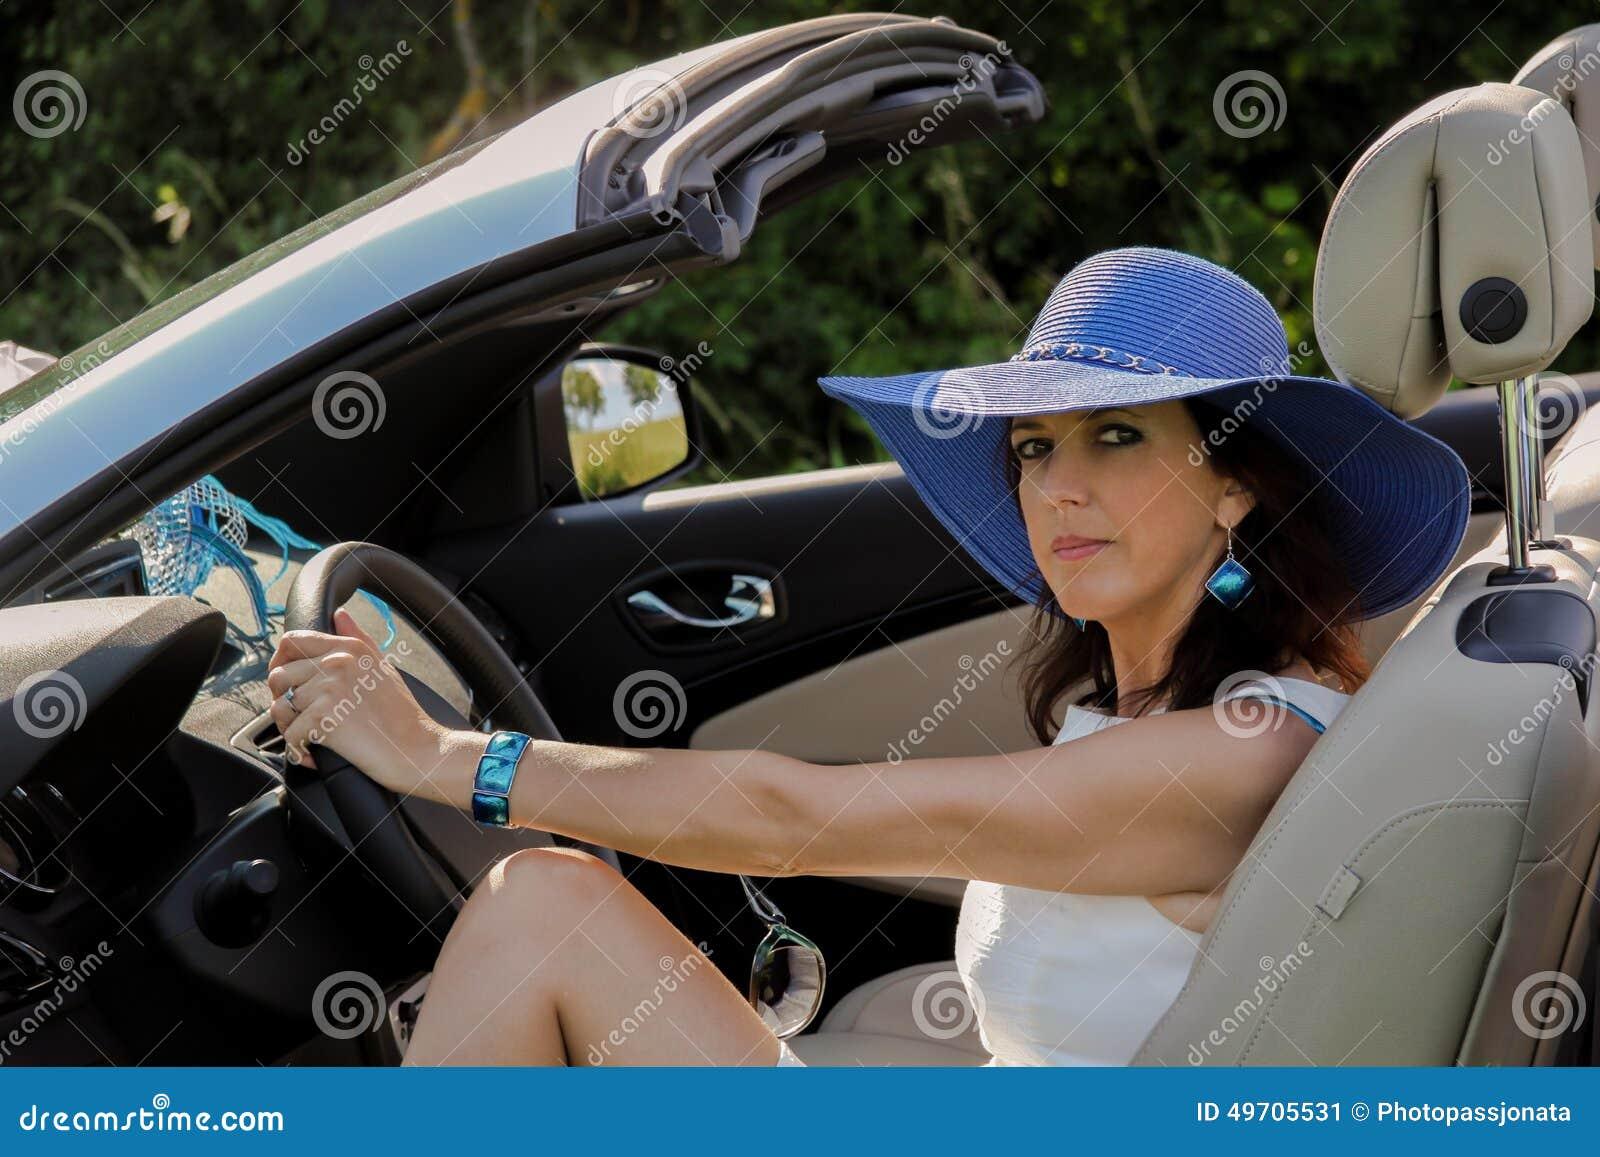 femme l gante dans la voiture photo stock image 49705531. Black Bedroom Furniture Sets. Home Design Ideas